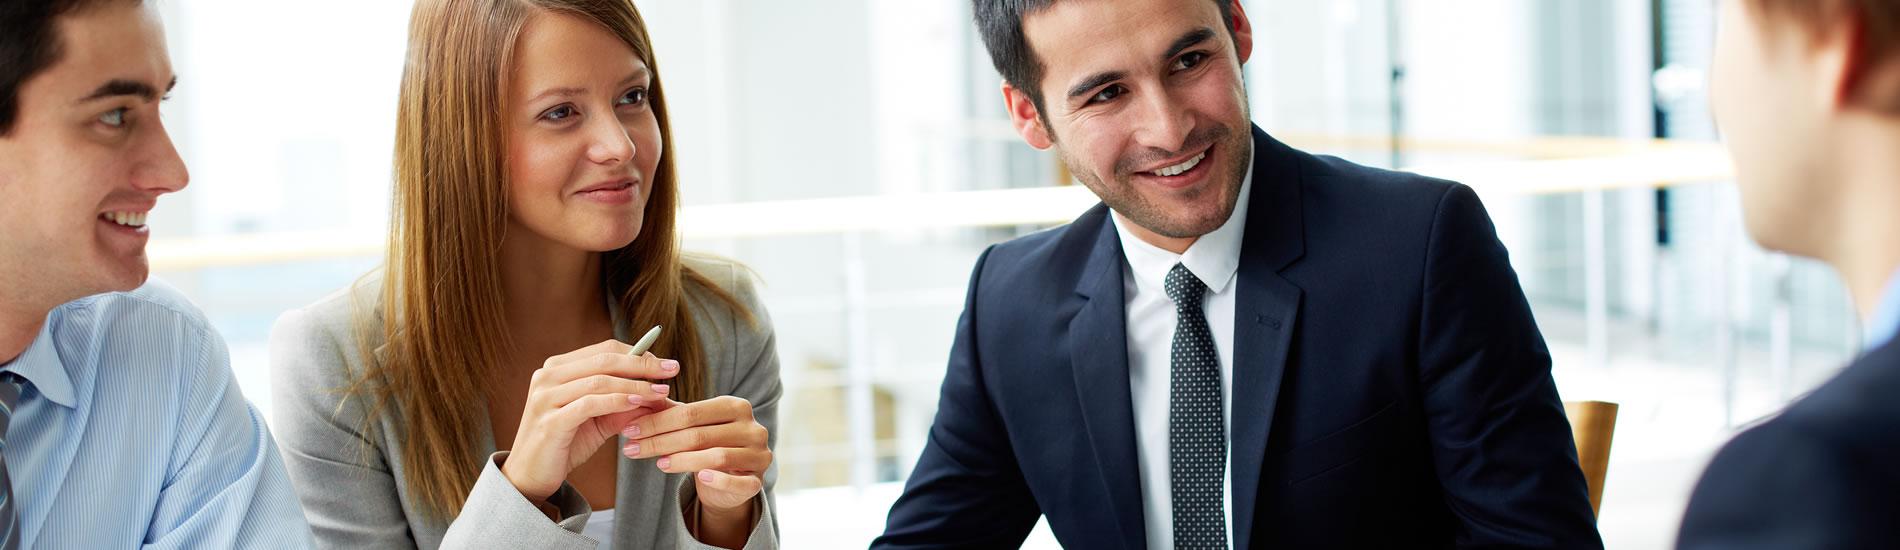 Cursos Profesionales para Acceder al Mercado Laboral